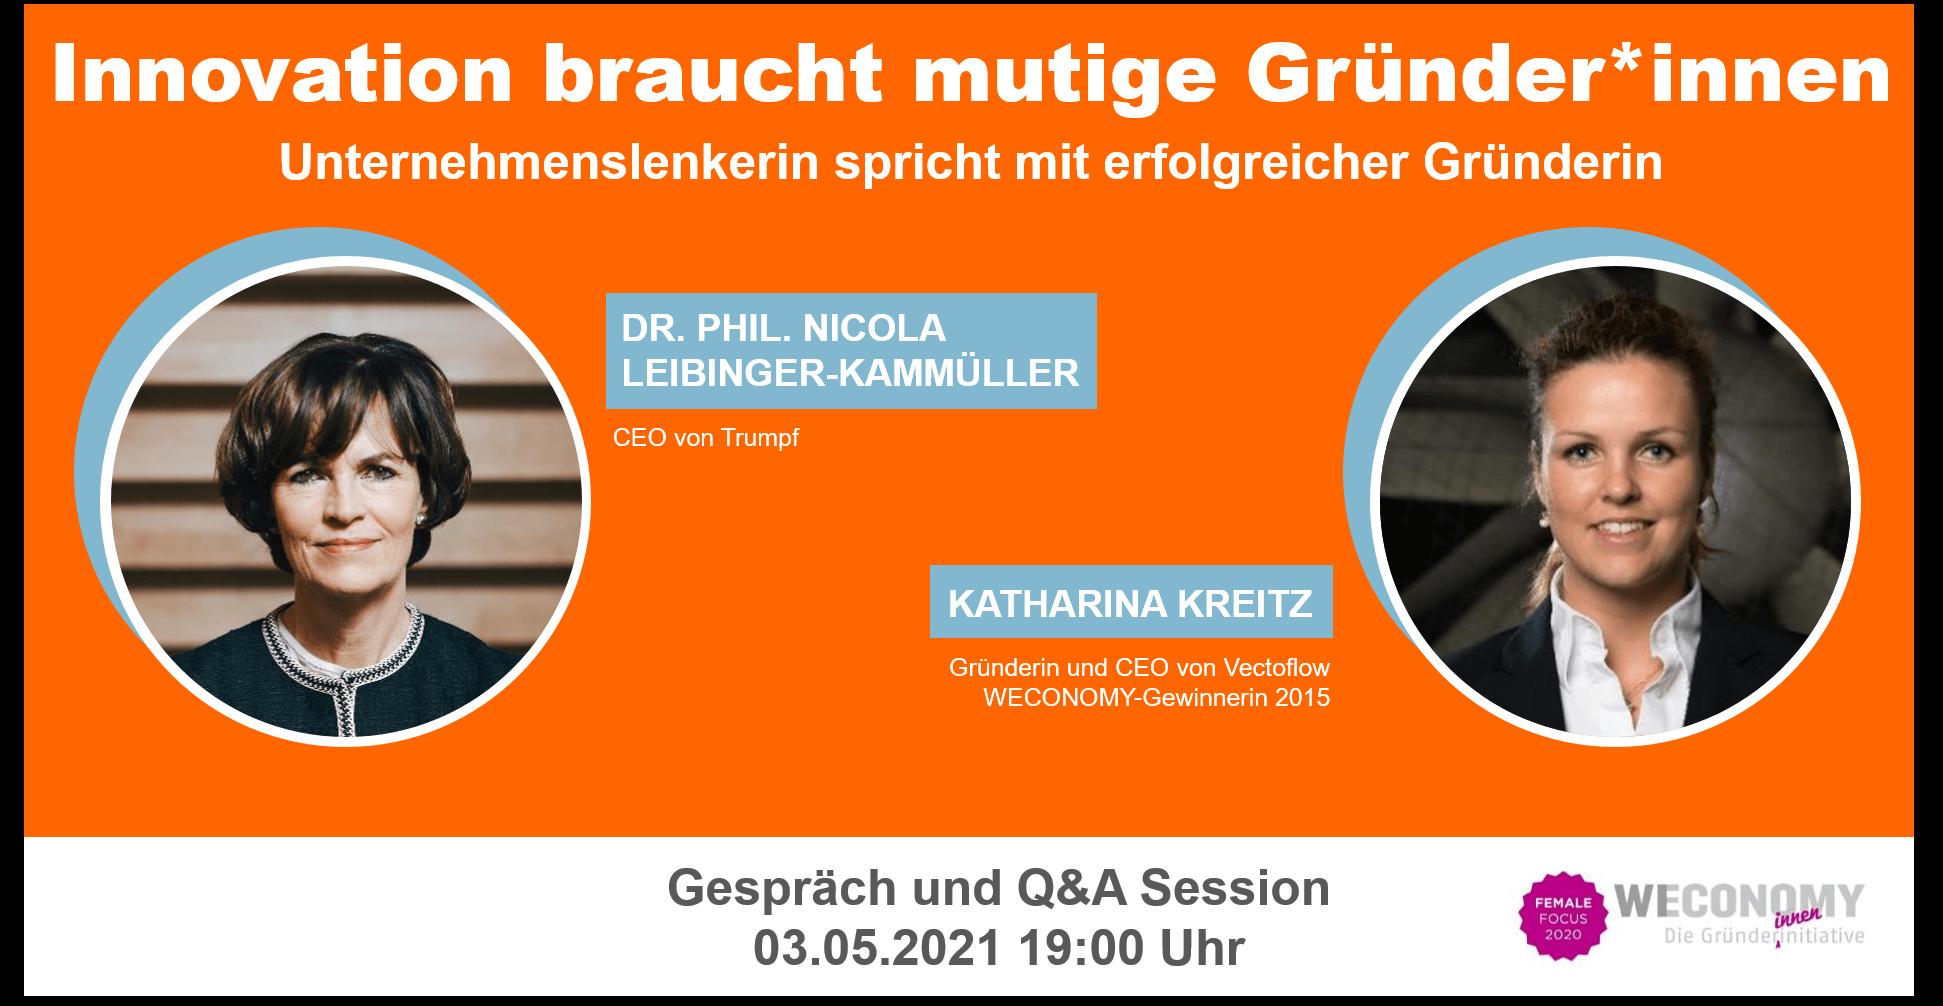 inspirierender Doppelpack: Nicola Leibinger-Kammüller und Katharina Kreitz